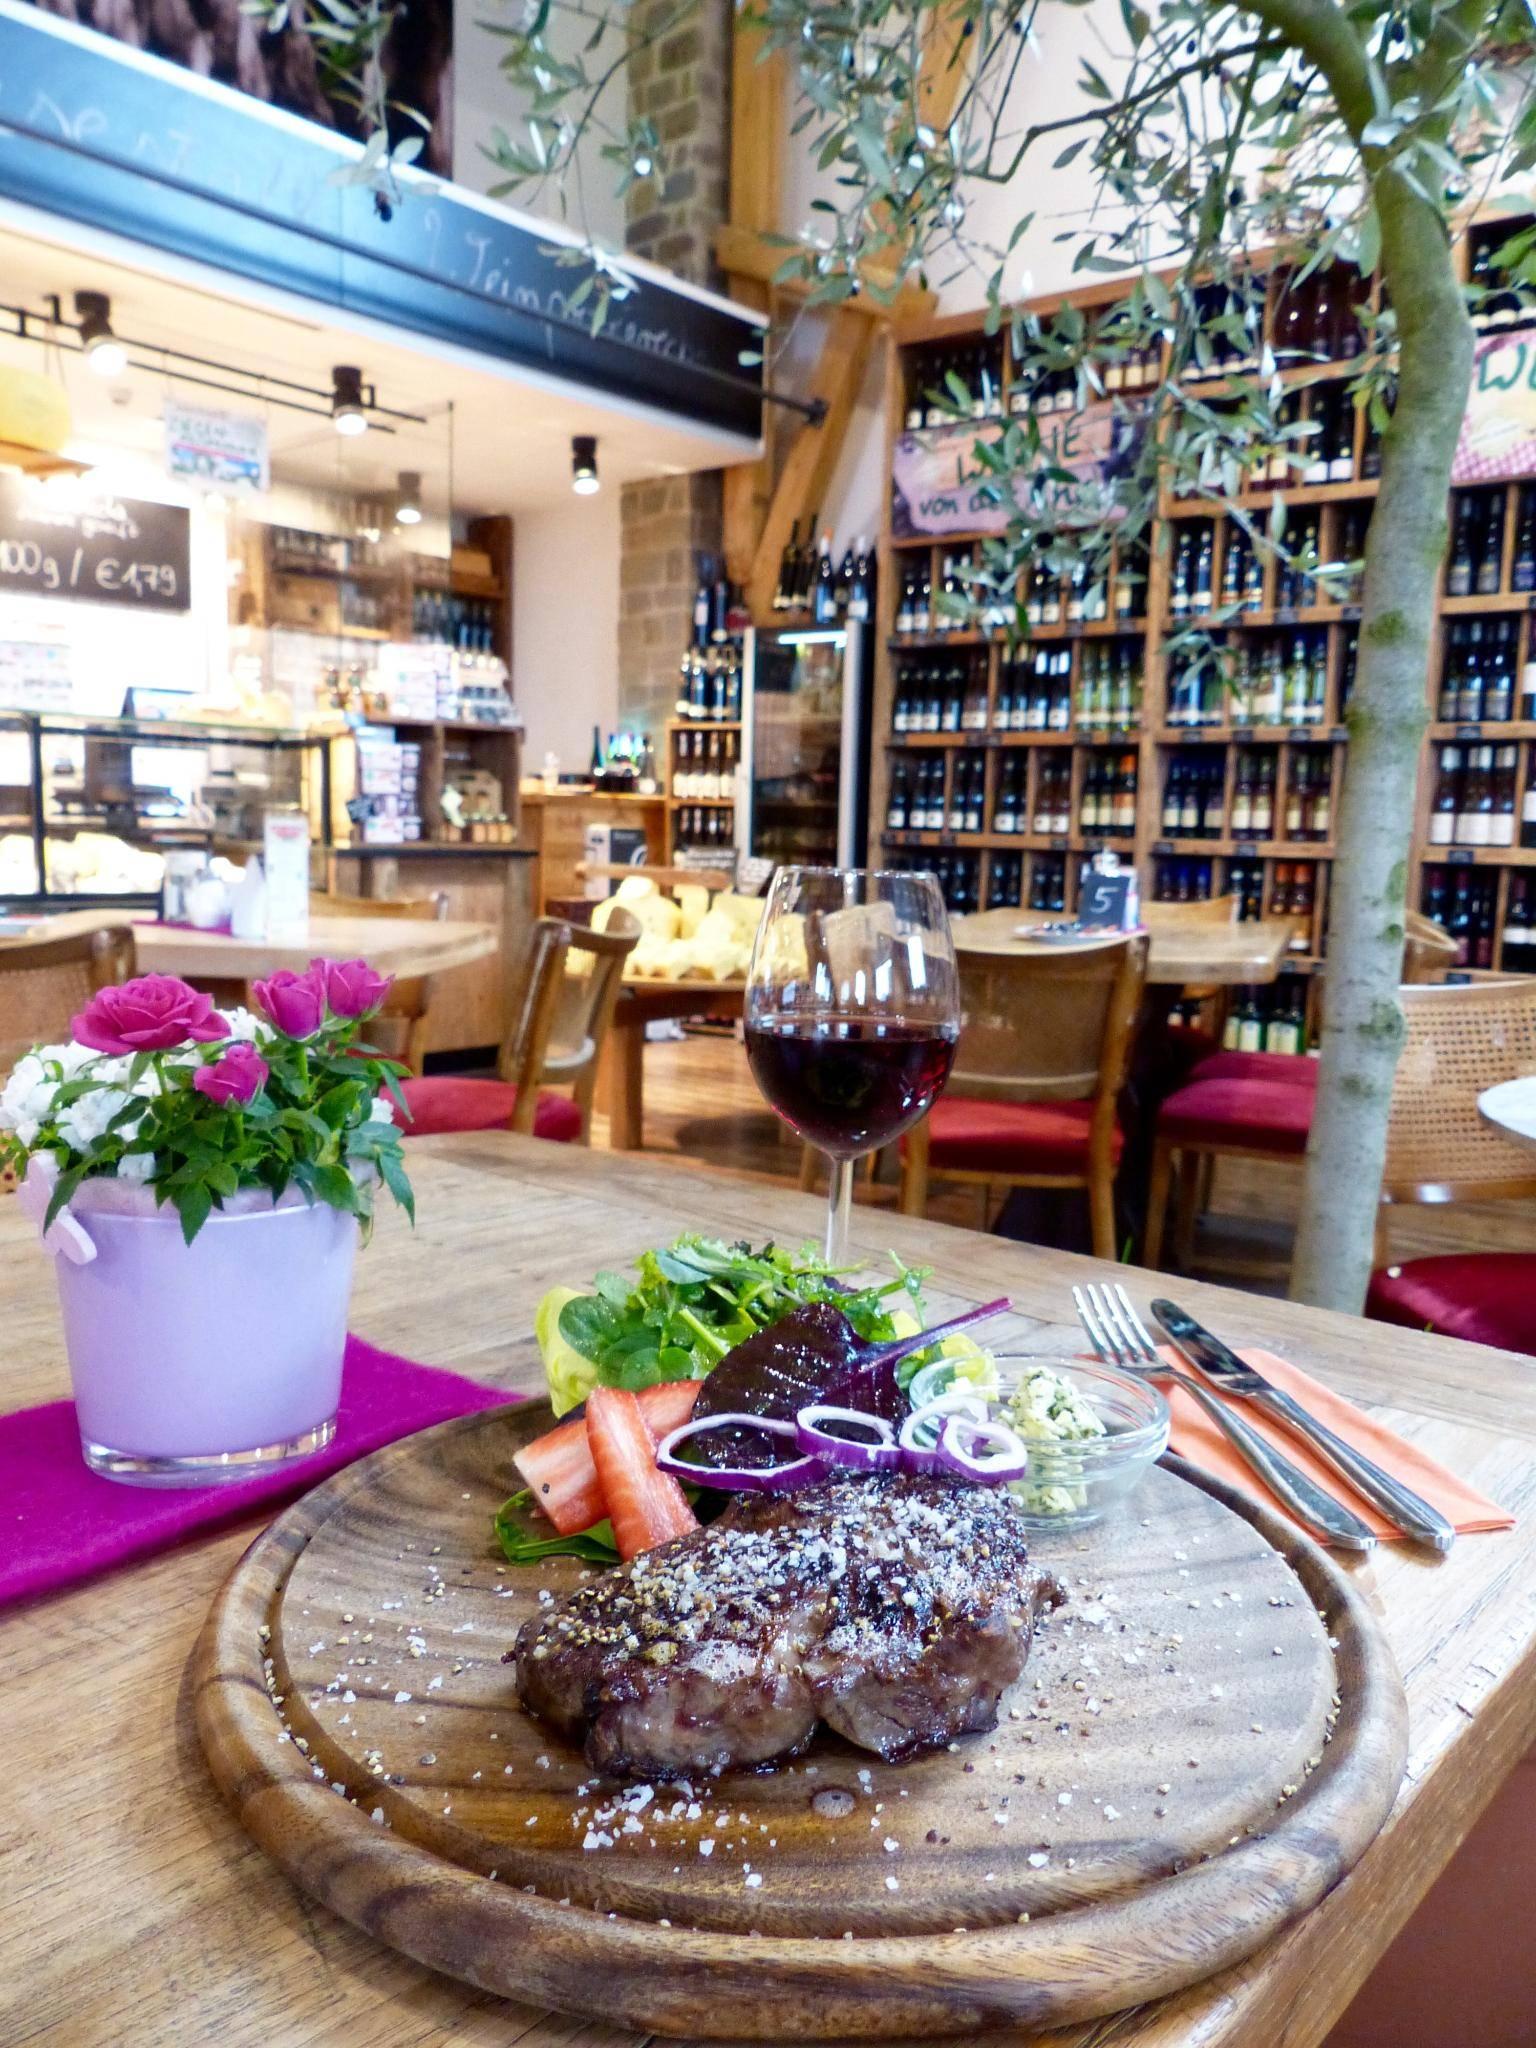 Gute Preise große Auswahl an Designs erstklassiger Profi Schneiders Obsthof Marktscheune: Grillen und chillen am Abend